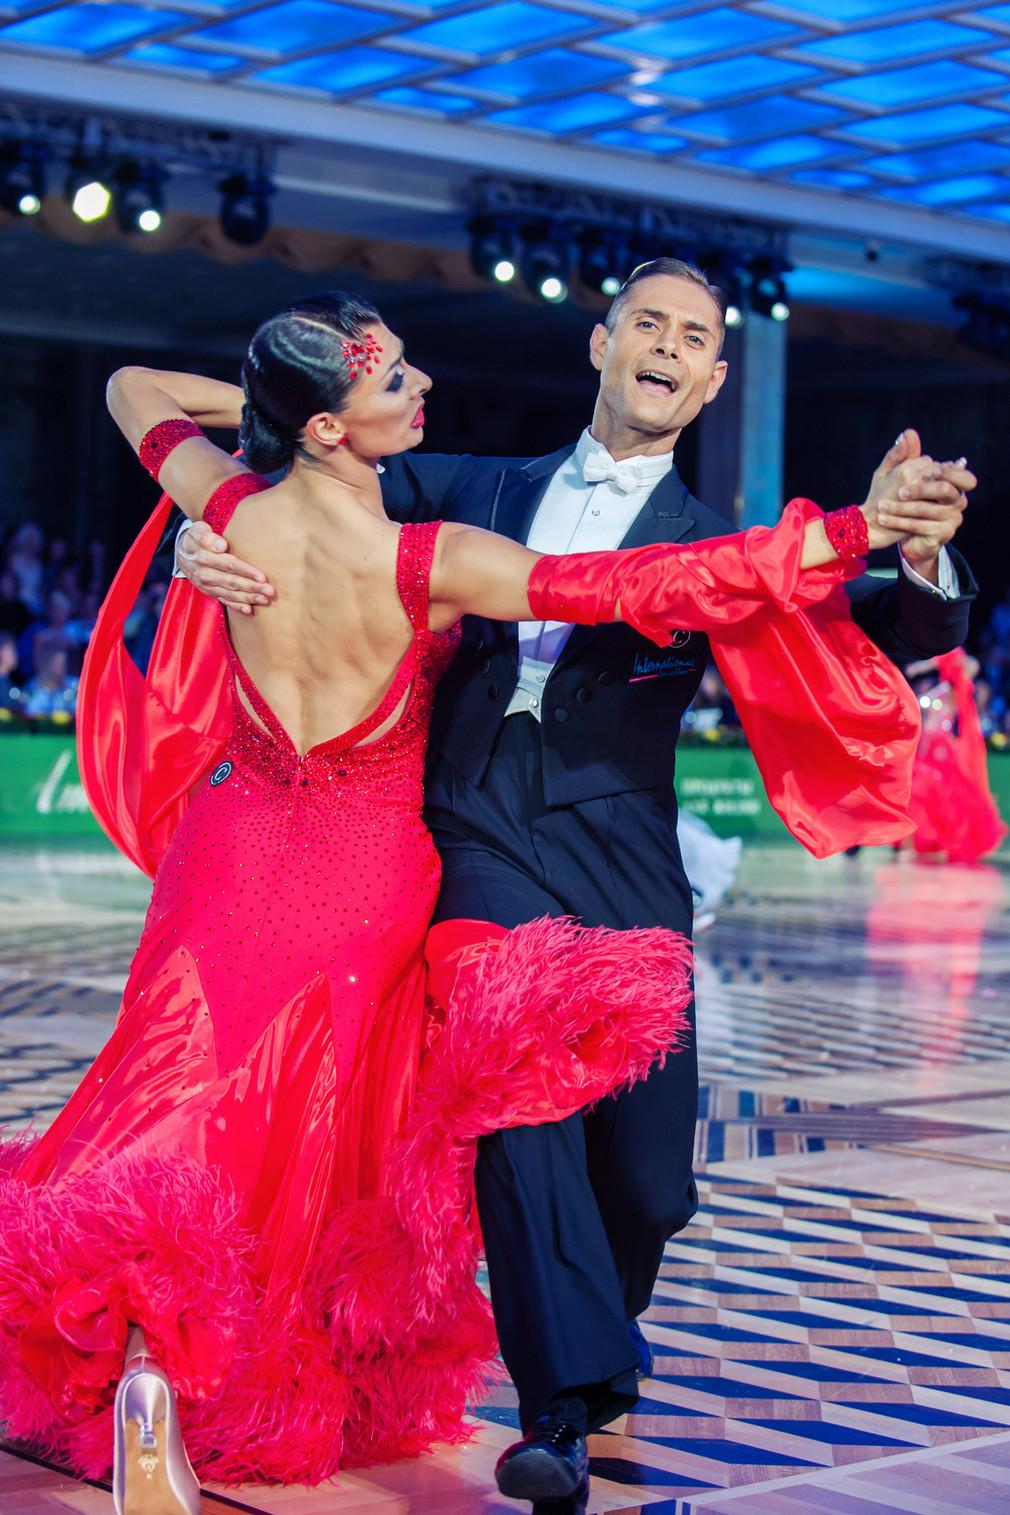 Валерио Колантони и Моника Нигро: «Кремль — самое идеальное место для танцоров!»